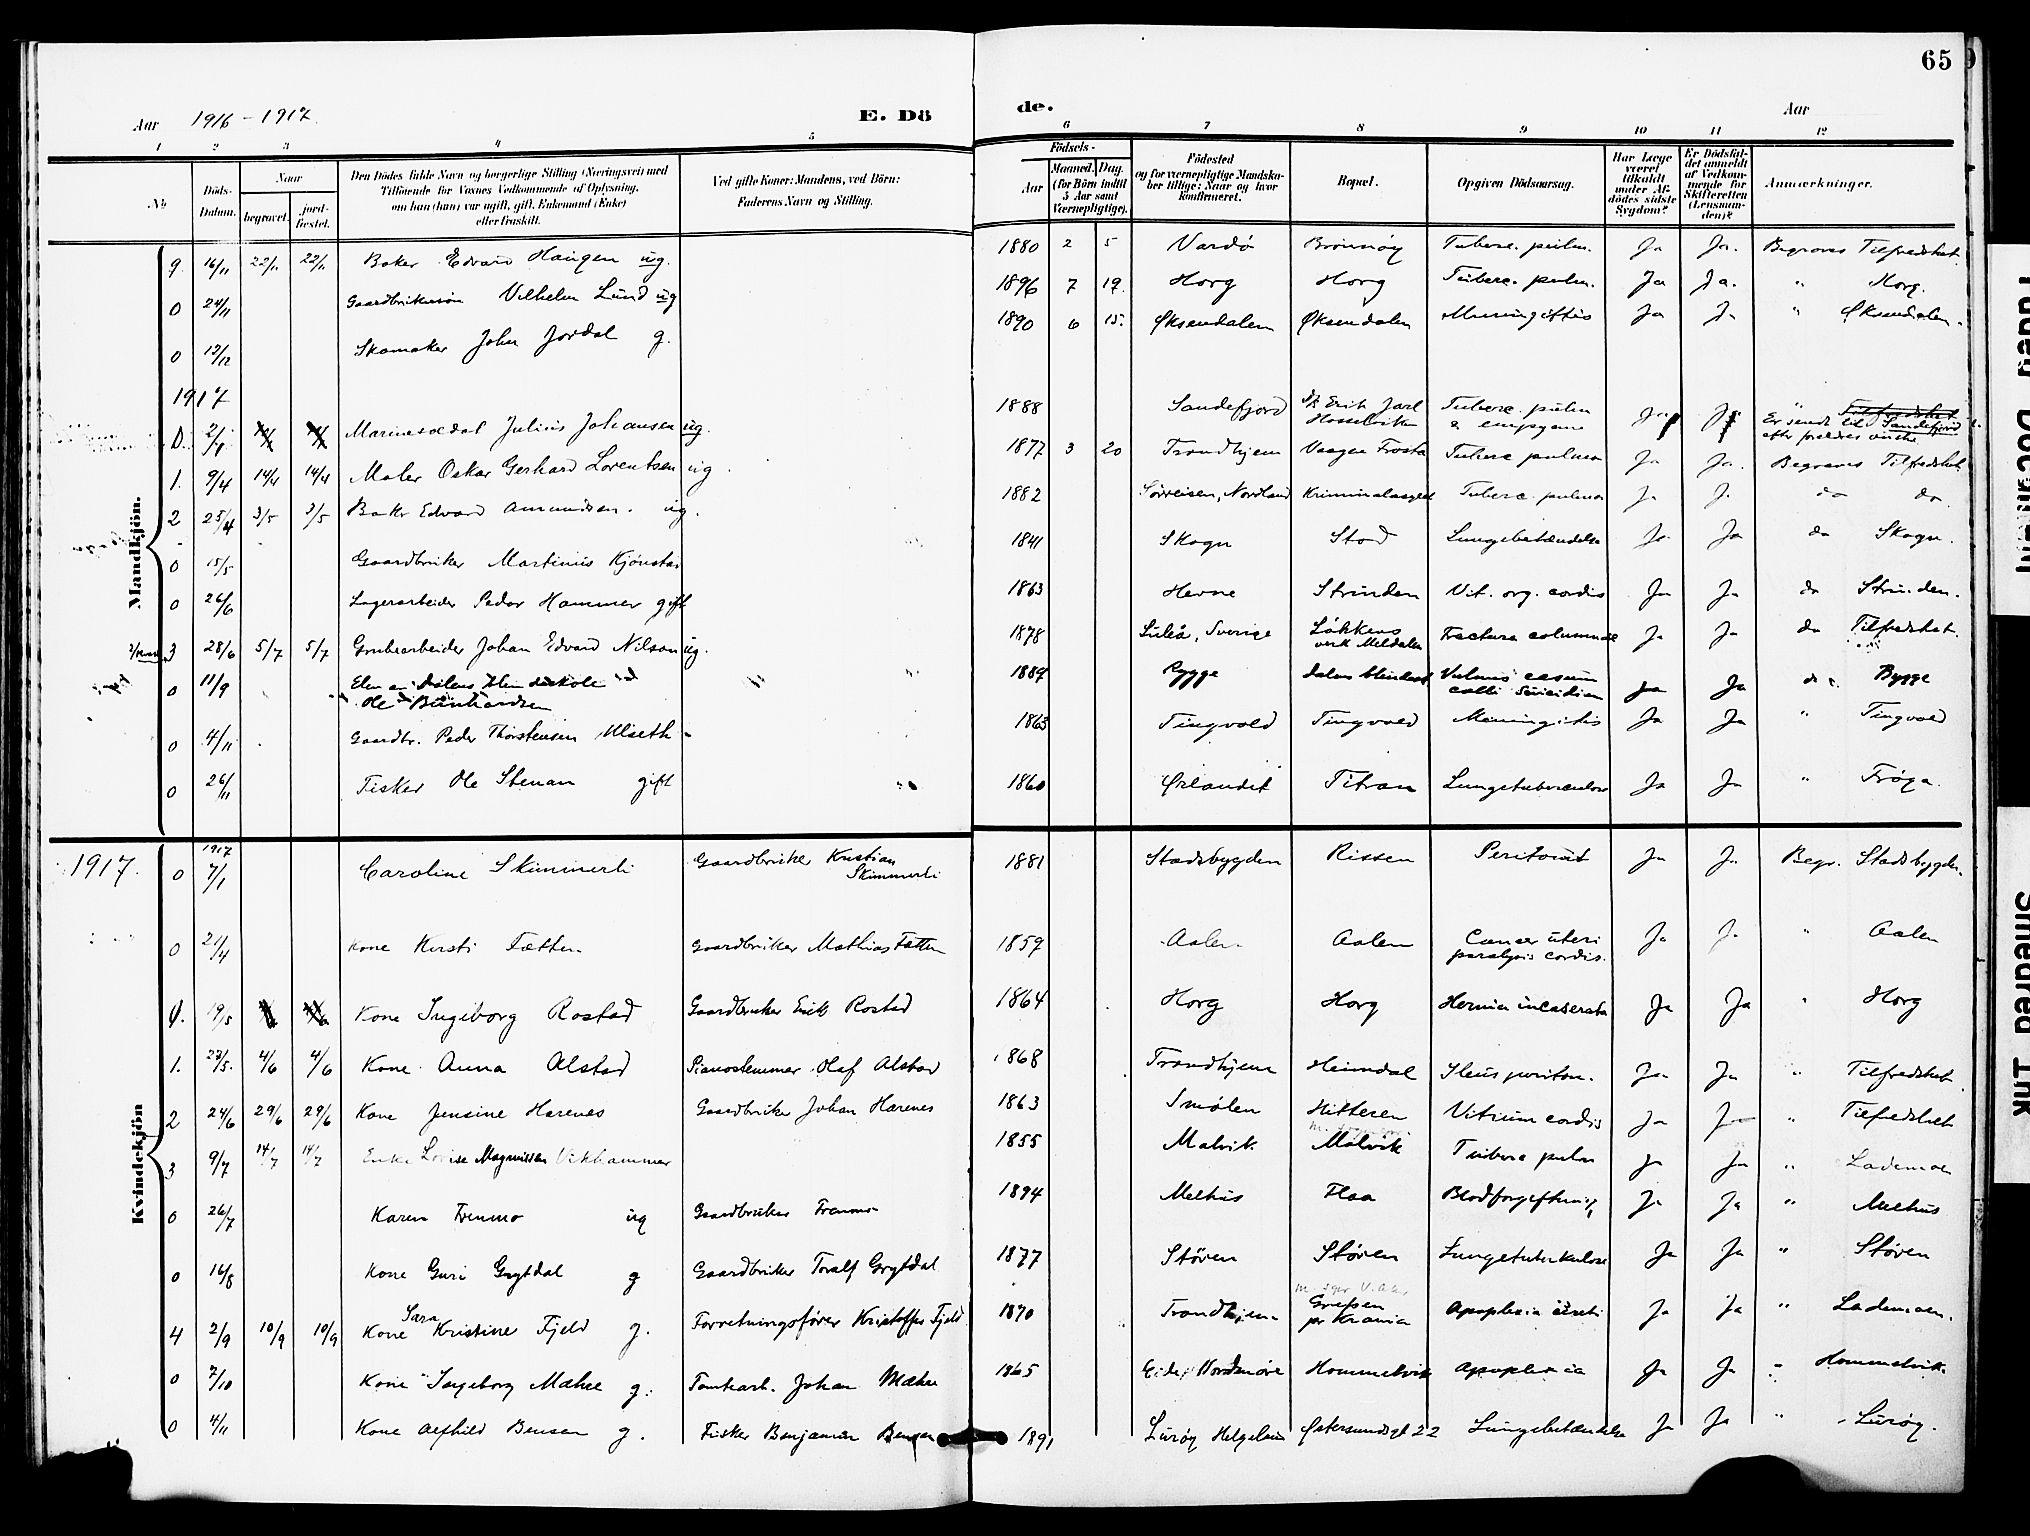 SAT, Ministerialprotokoller, klokkerbøker og fødselsregistre - Sør-Trøndelag, 628/L0483: Ministerialbok nr. 628A01, 1902-1920, s. 65